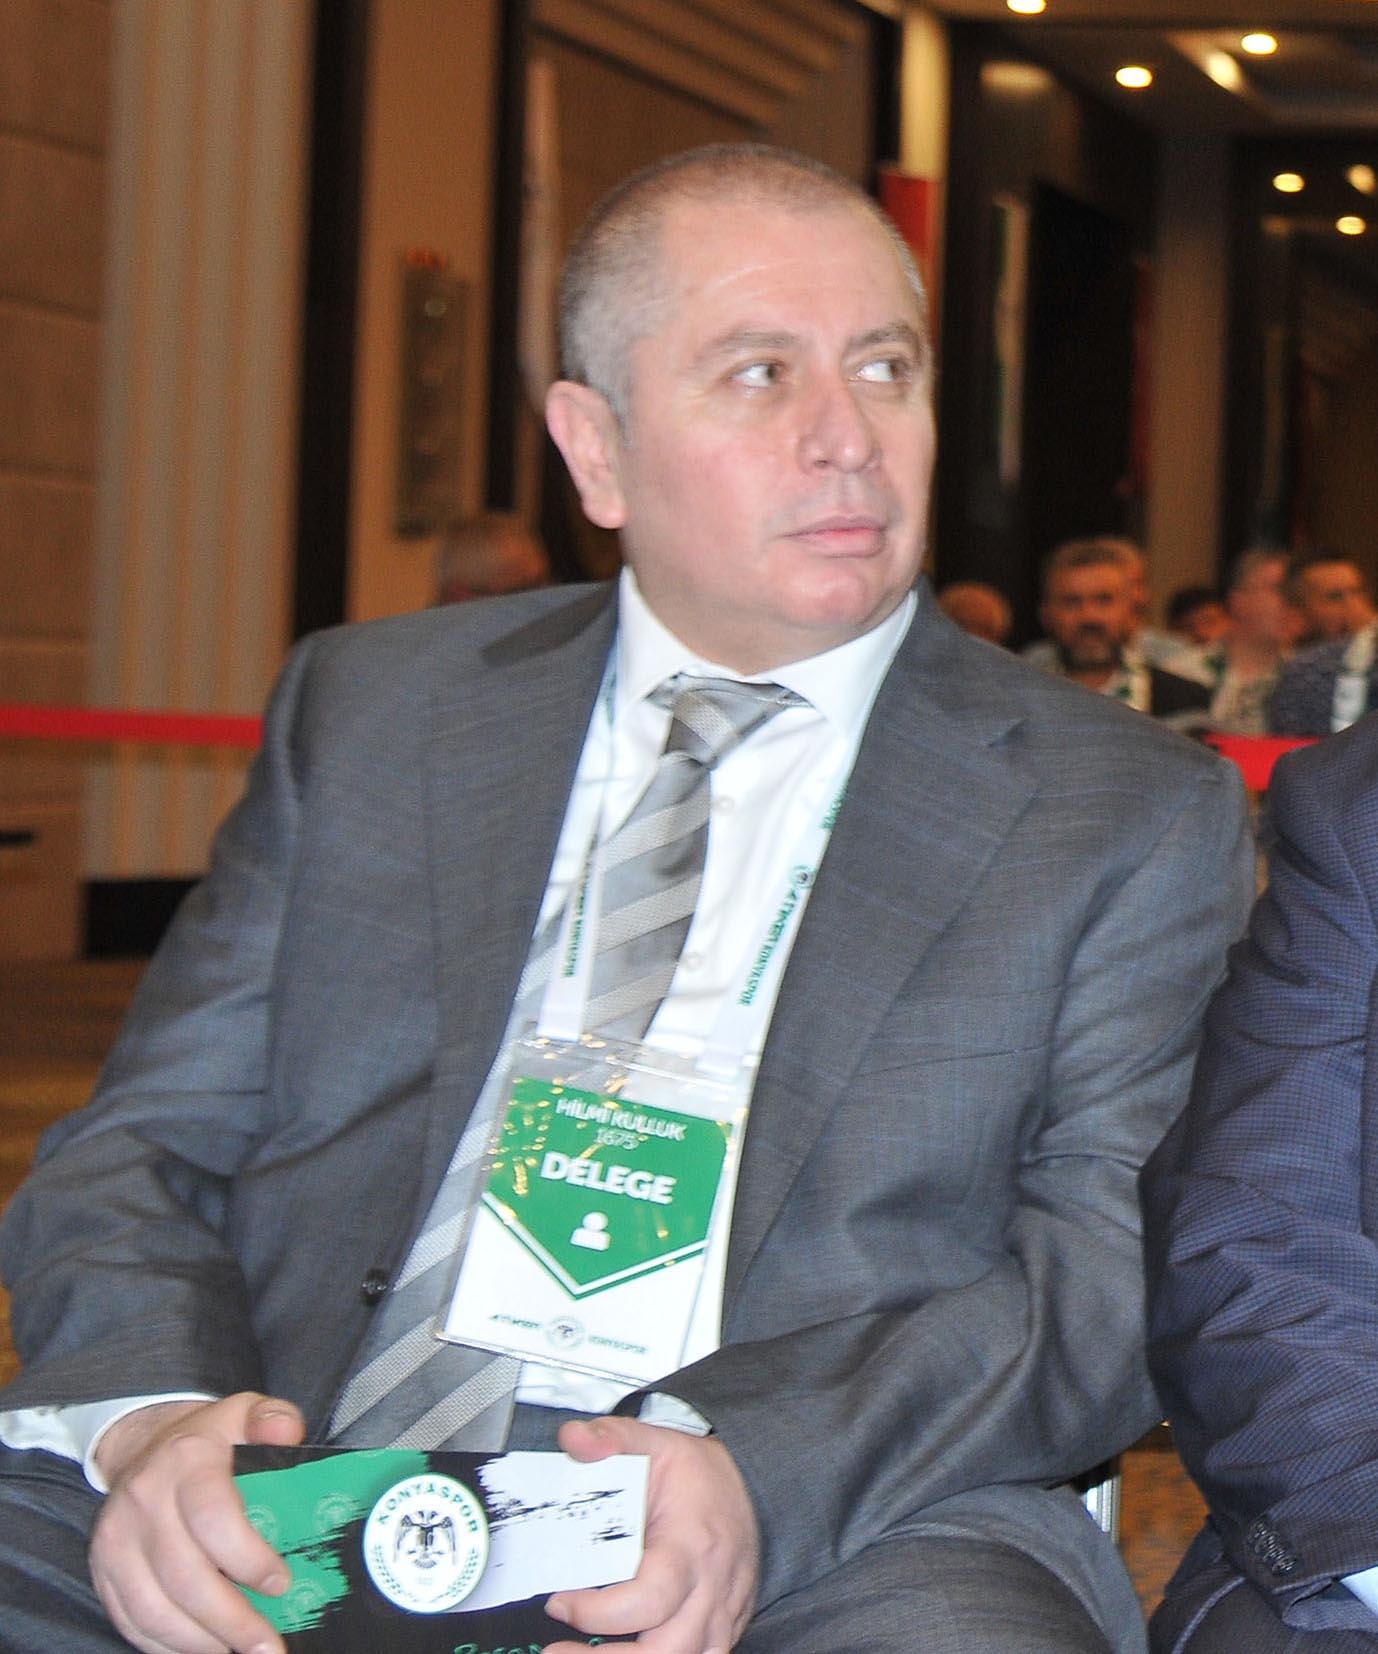 Konyaspor Başkanı Hilmi Kulluk'tan ilk açıklama: Kutsal bir görev